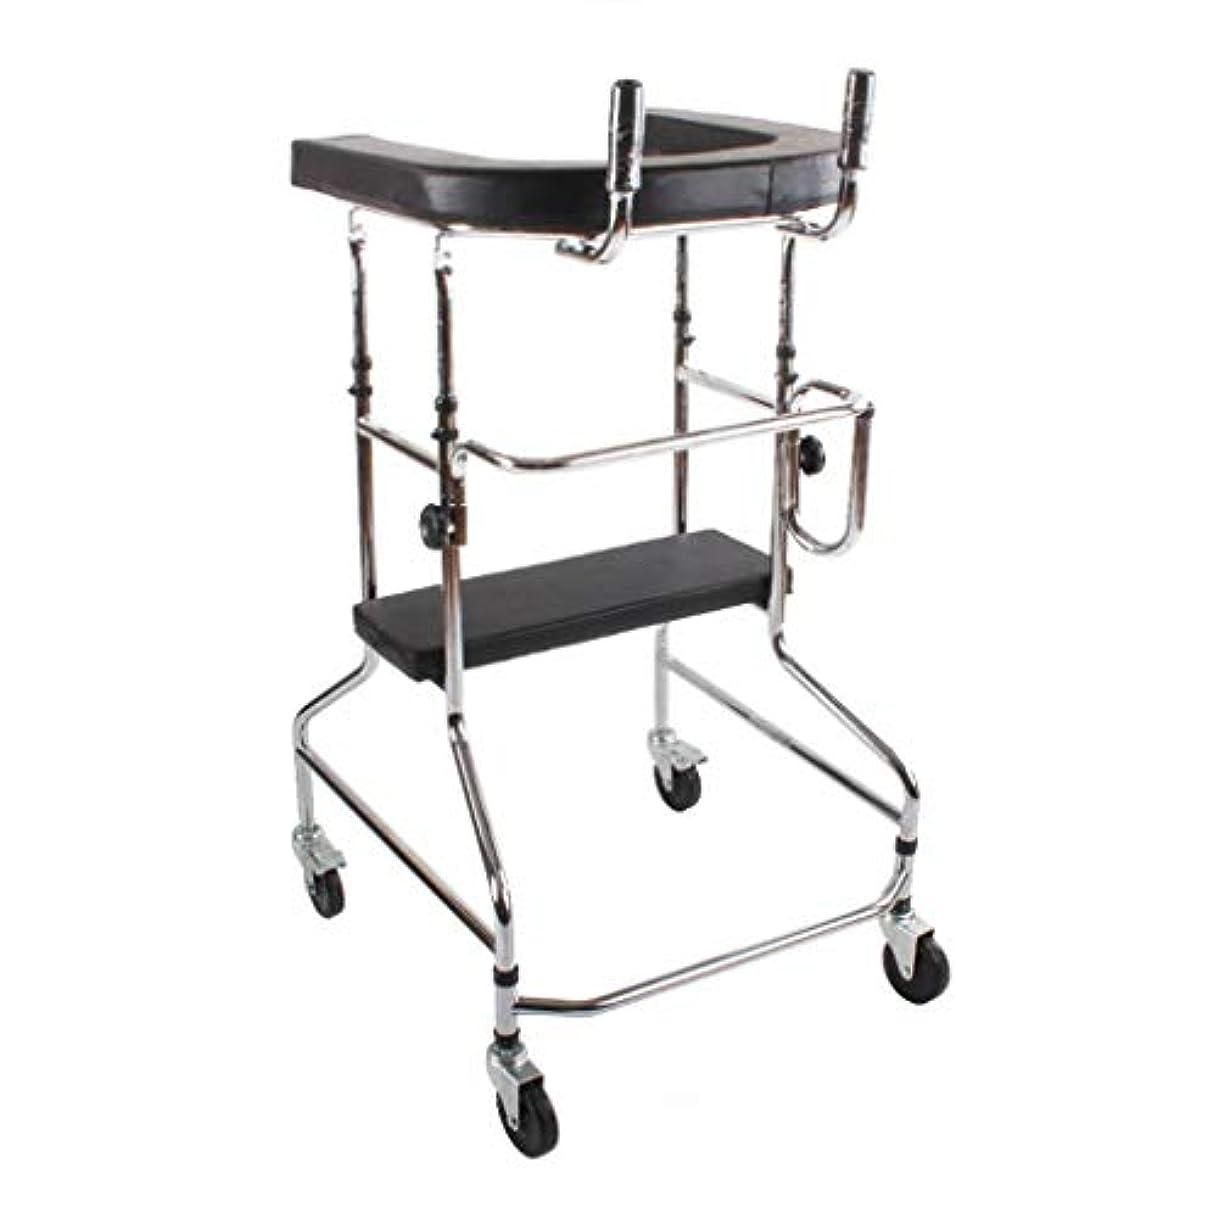 リハビリ機器/下肢トレーニングおよびリハビリ機器シートホイール付きスタンディングウォークスタンド/ウォークエイド/ウォーカー/スタンドフレームリハビリテーション装置無効スキッドスタンド子供